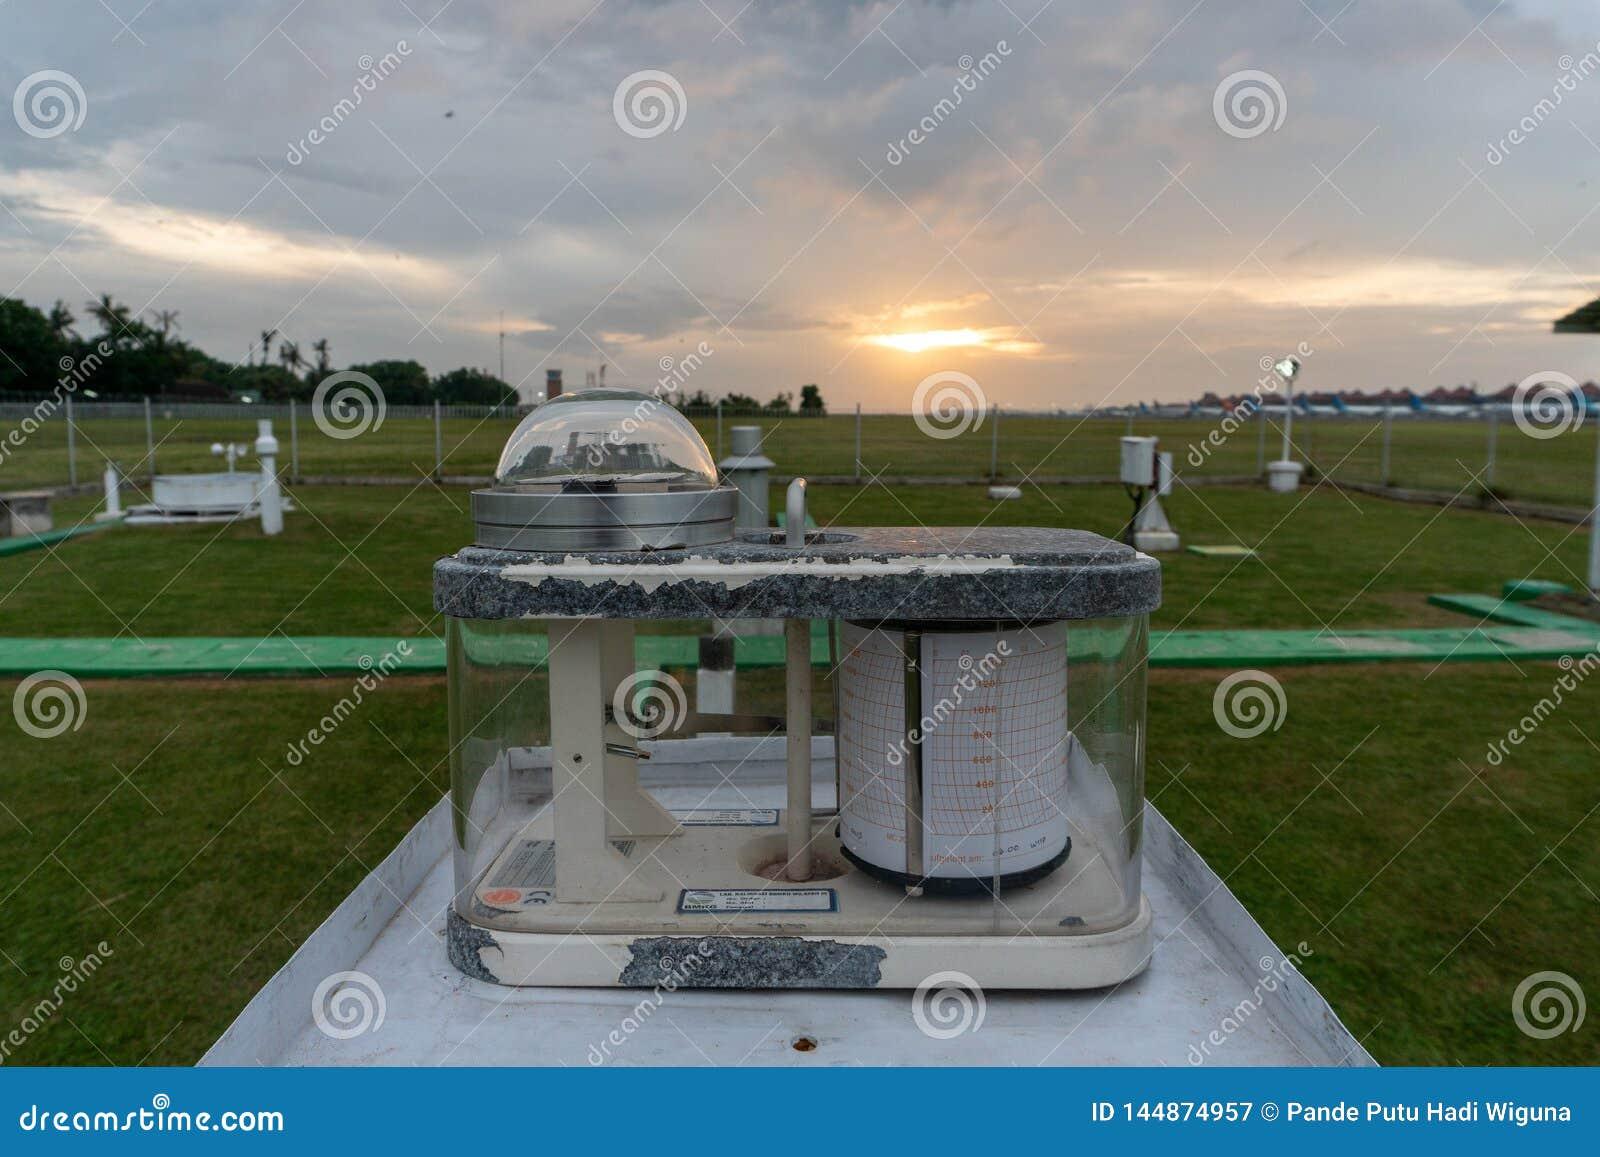 Pyranograph al campo di meteorologia con erba verde e quando tramonto sotto il cielo nuvoloso